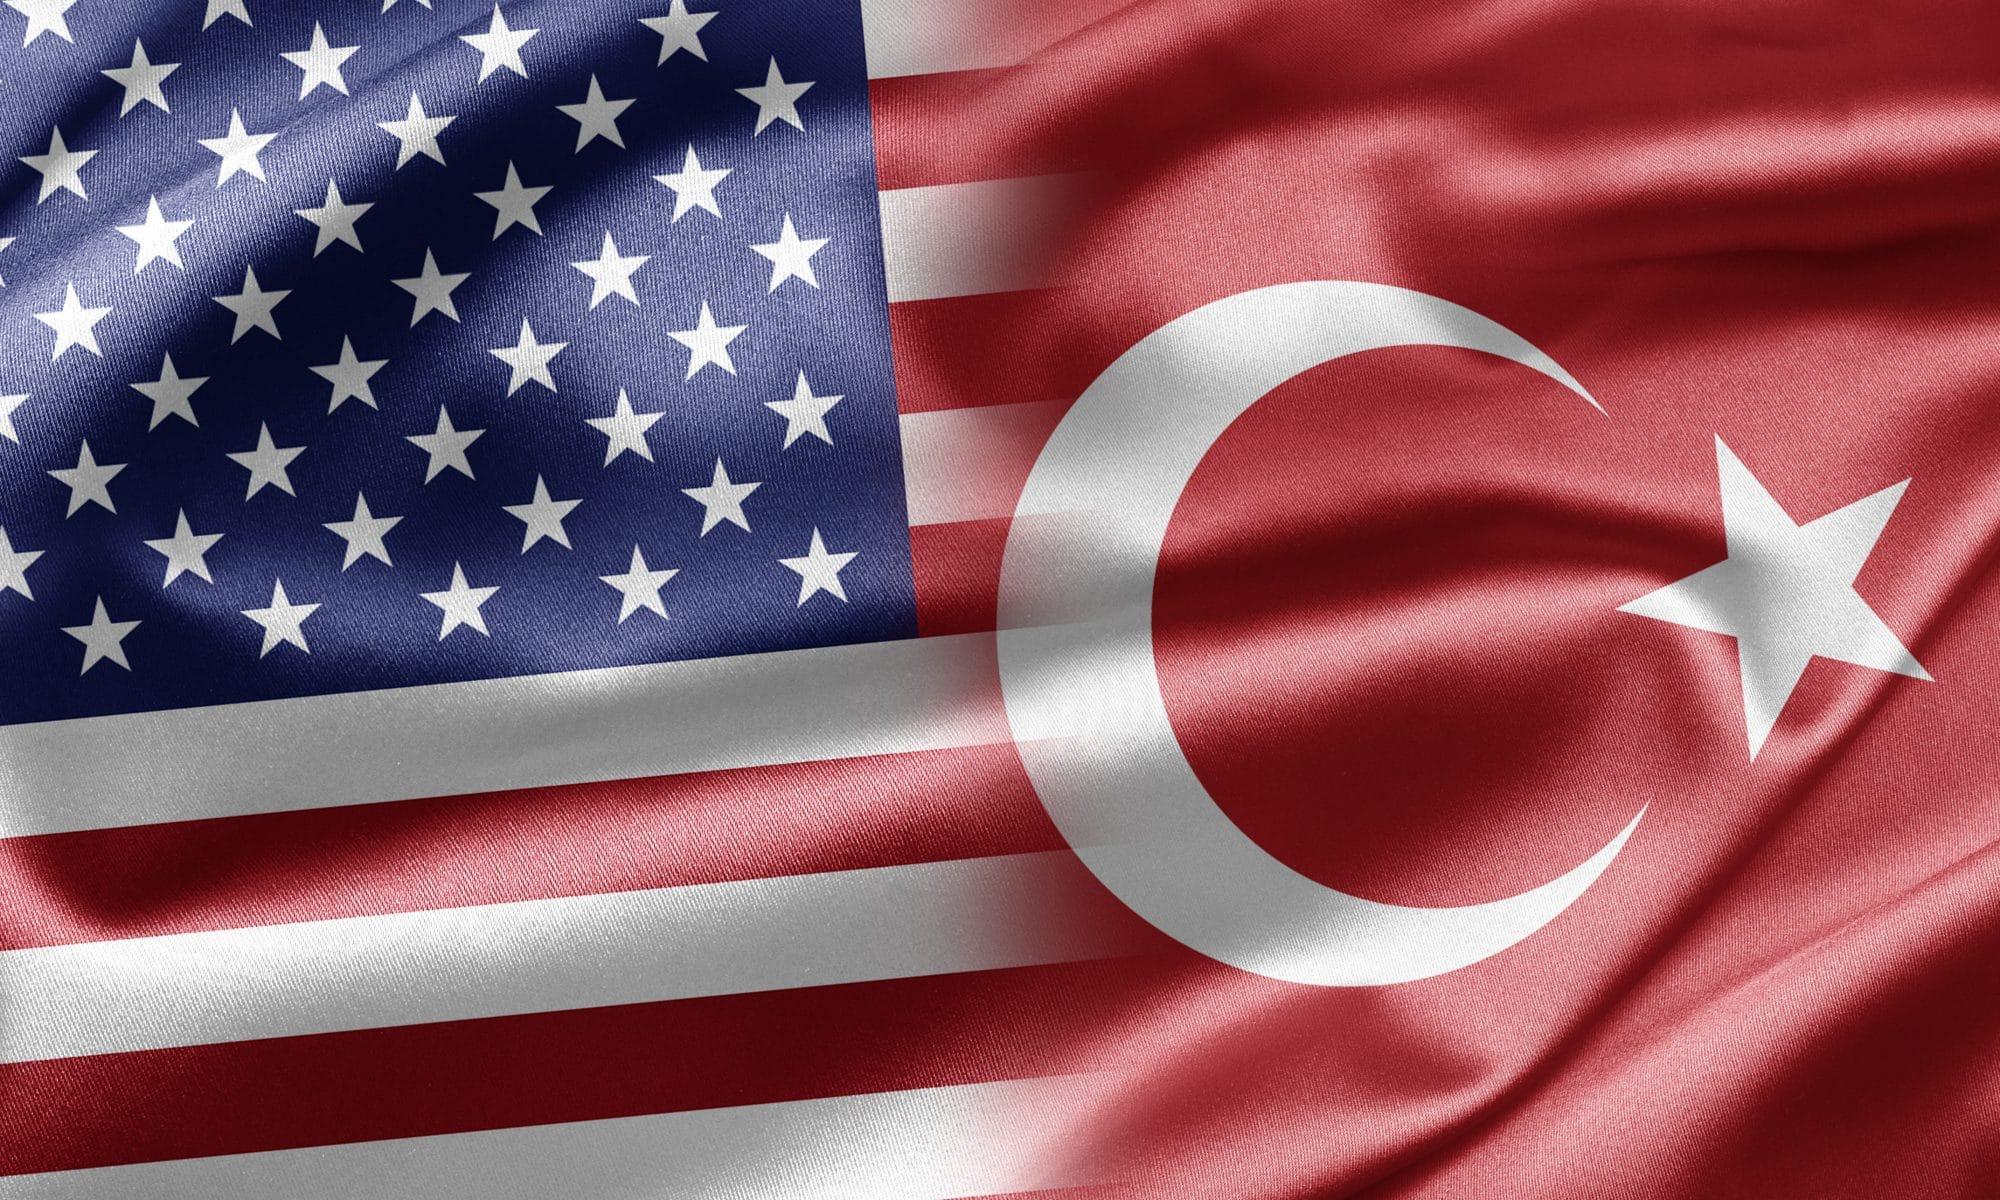 De vlag van de Verenigde Staten en Turkije in elkaar verweven